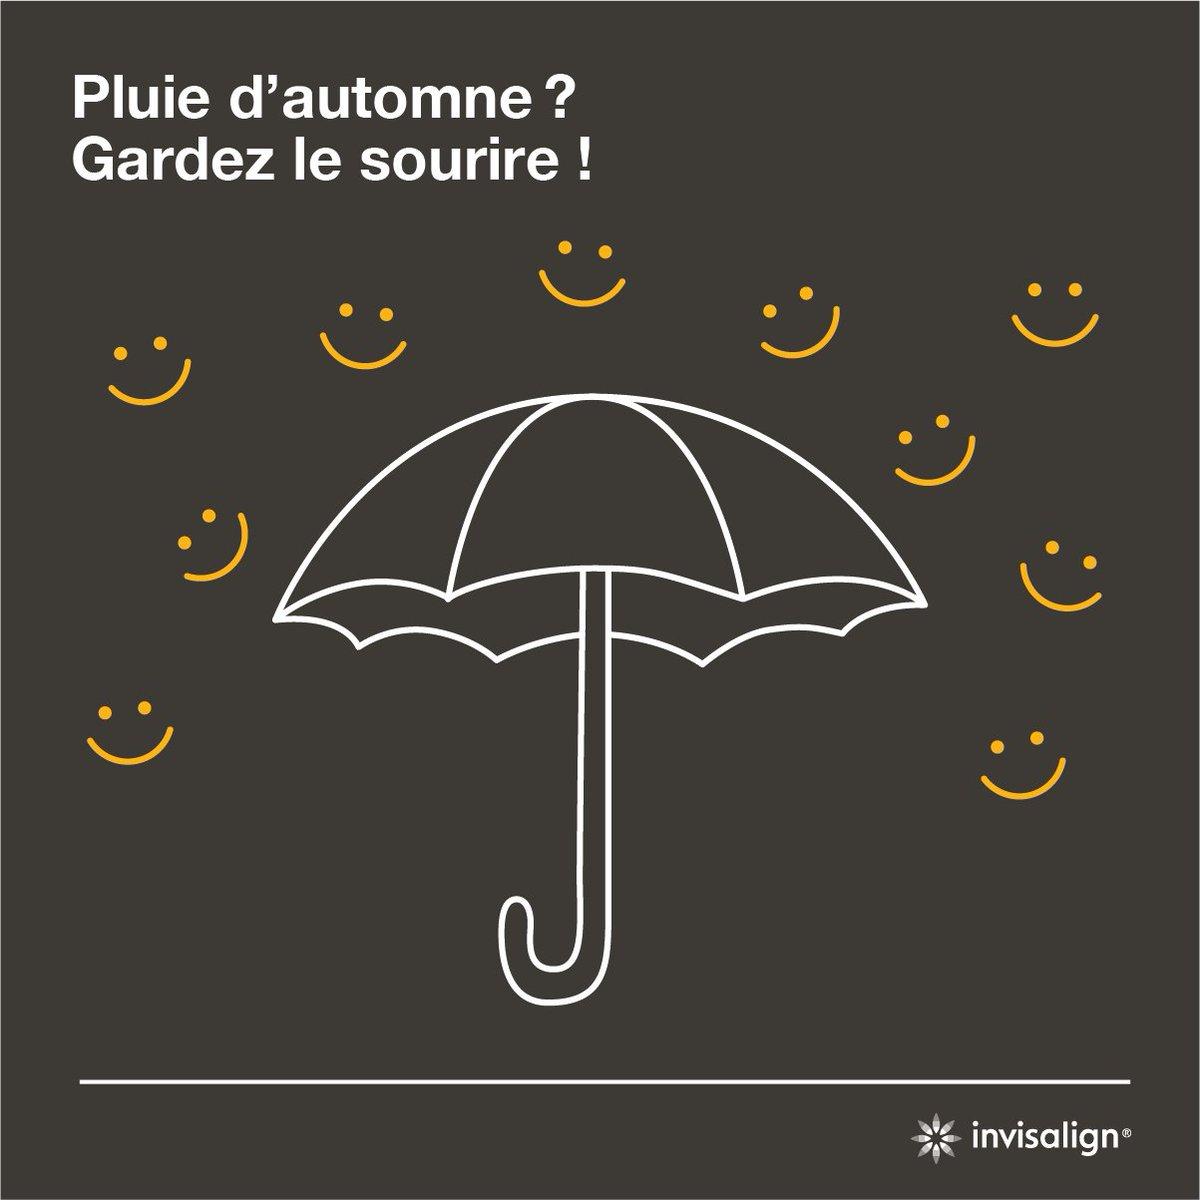 Pluie d'automne ? Gardez le sourire avec le traitement Invisalign® ! :) #tgif #smilemeariver #mood #smile #sourire #aligners #Invisalign https://t.co/RWEFCLk28s